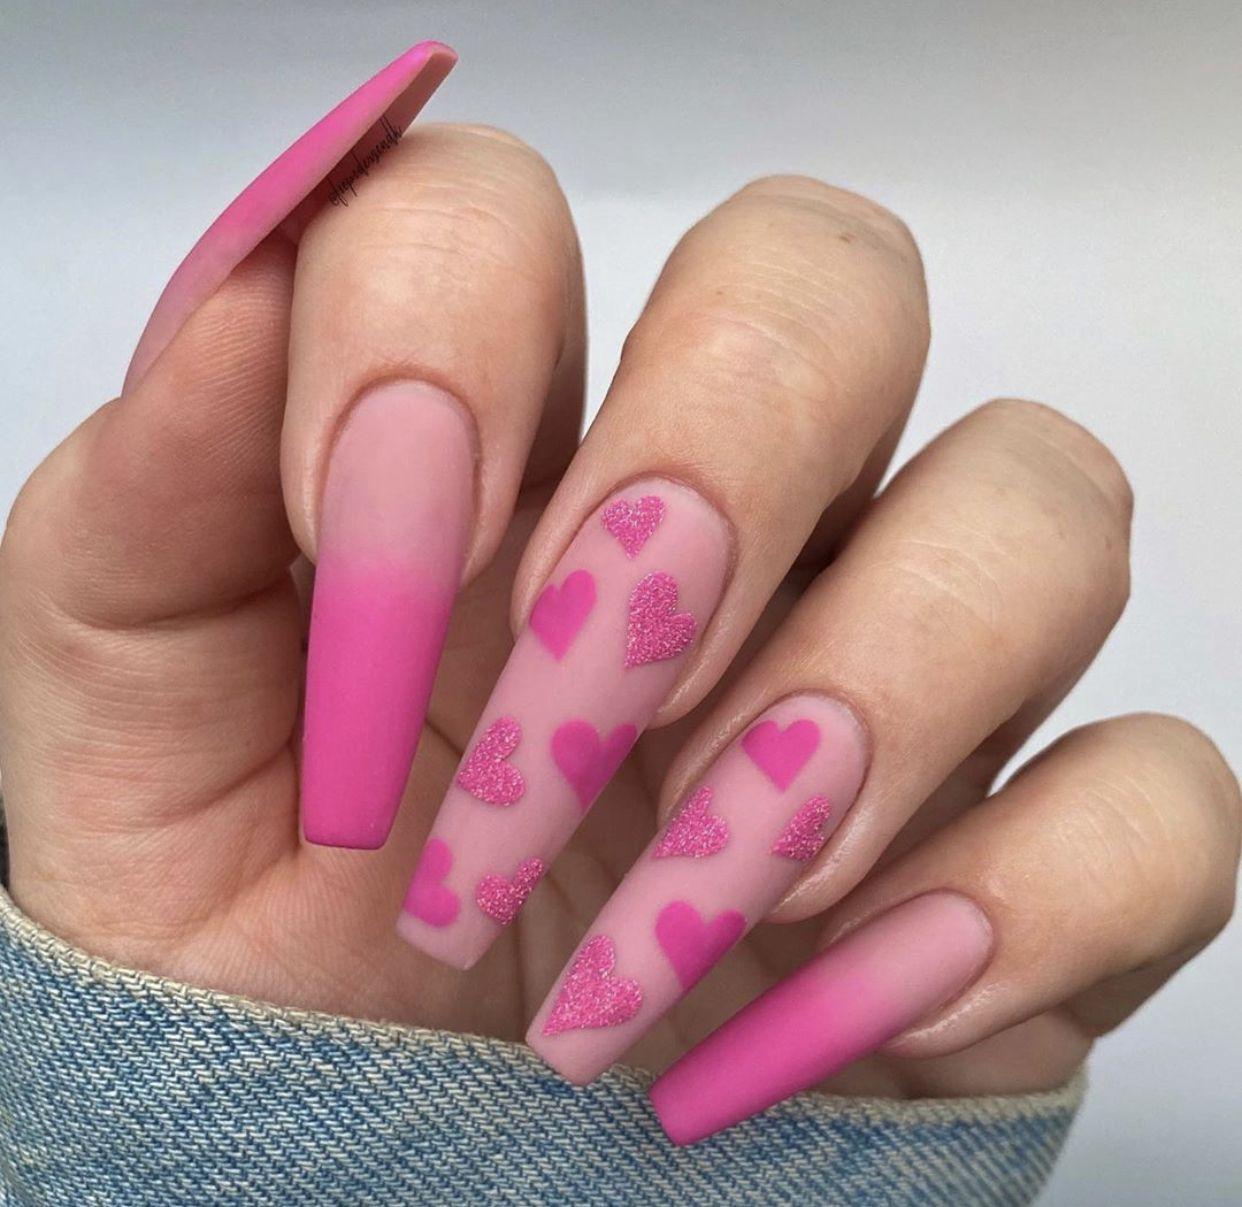 Disenos De Unas Para San Valentin Valentine S Day Nails Unas Dia Del Amor Unas De Maquillaje Unas De Gel Brillantes Manicura De Unas